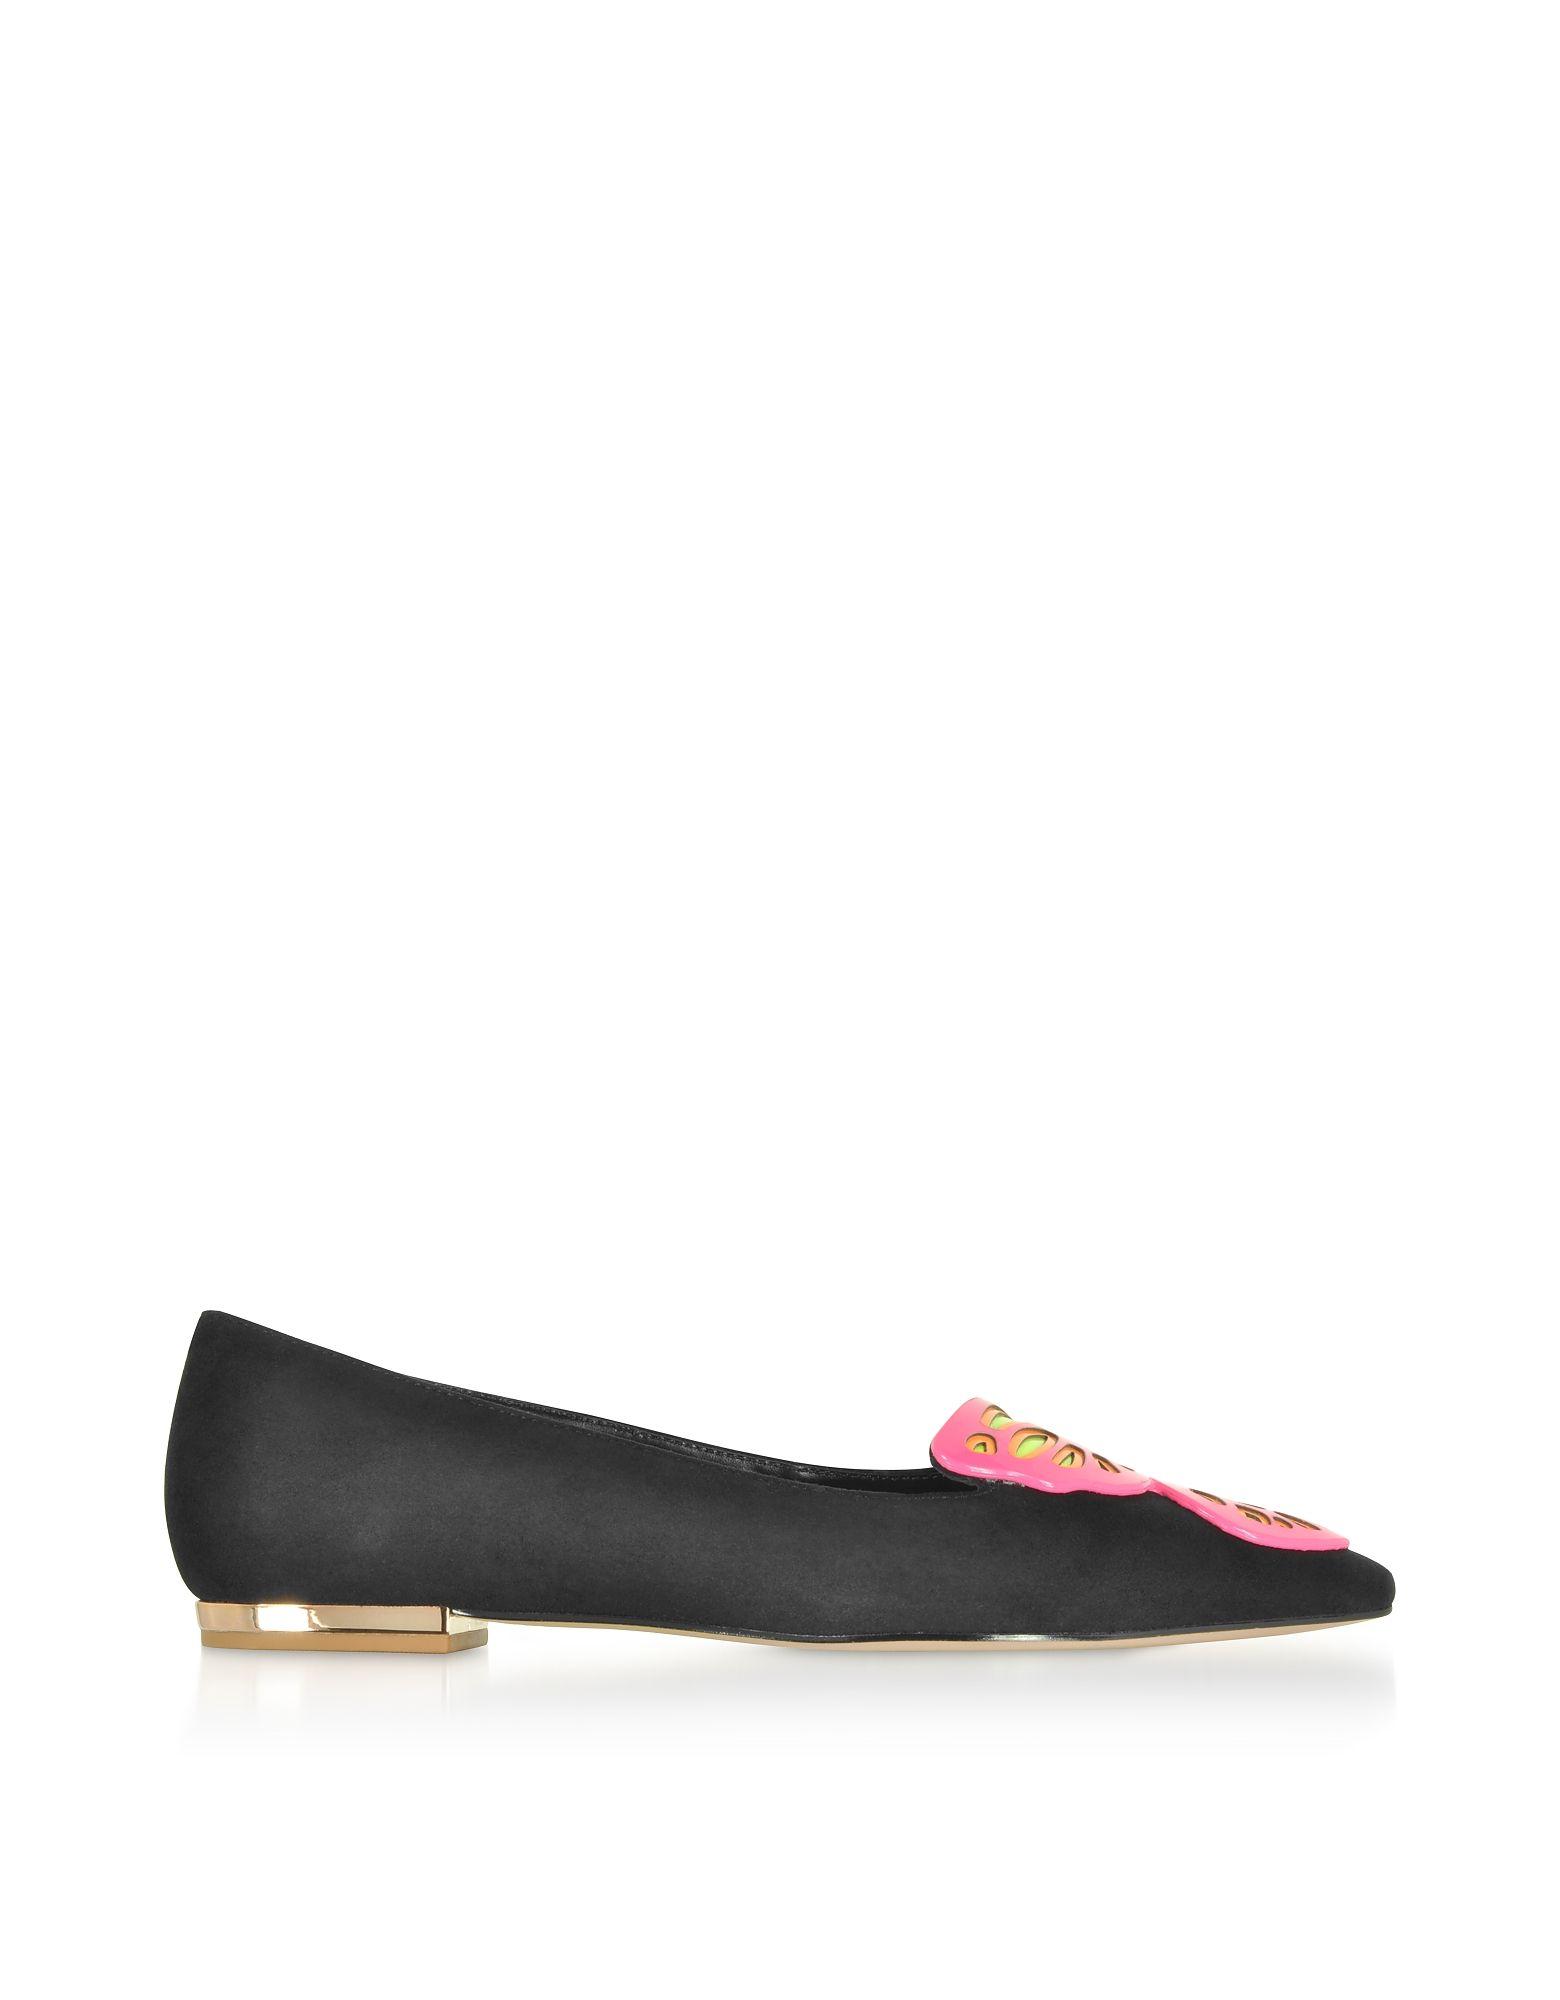 Sophia Webster Black Leather Flats